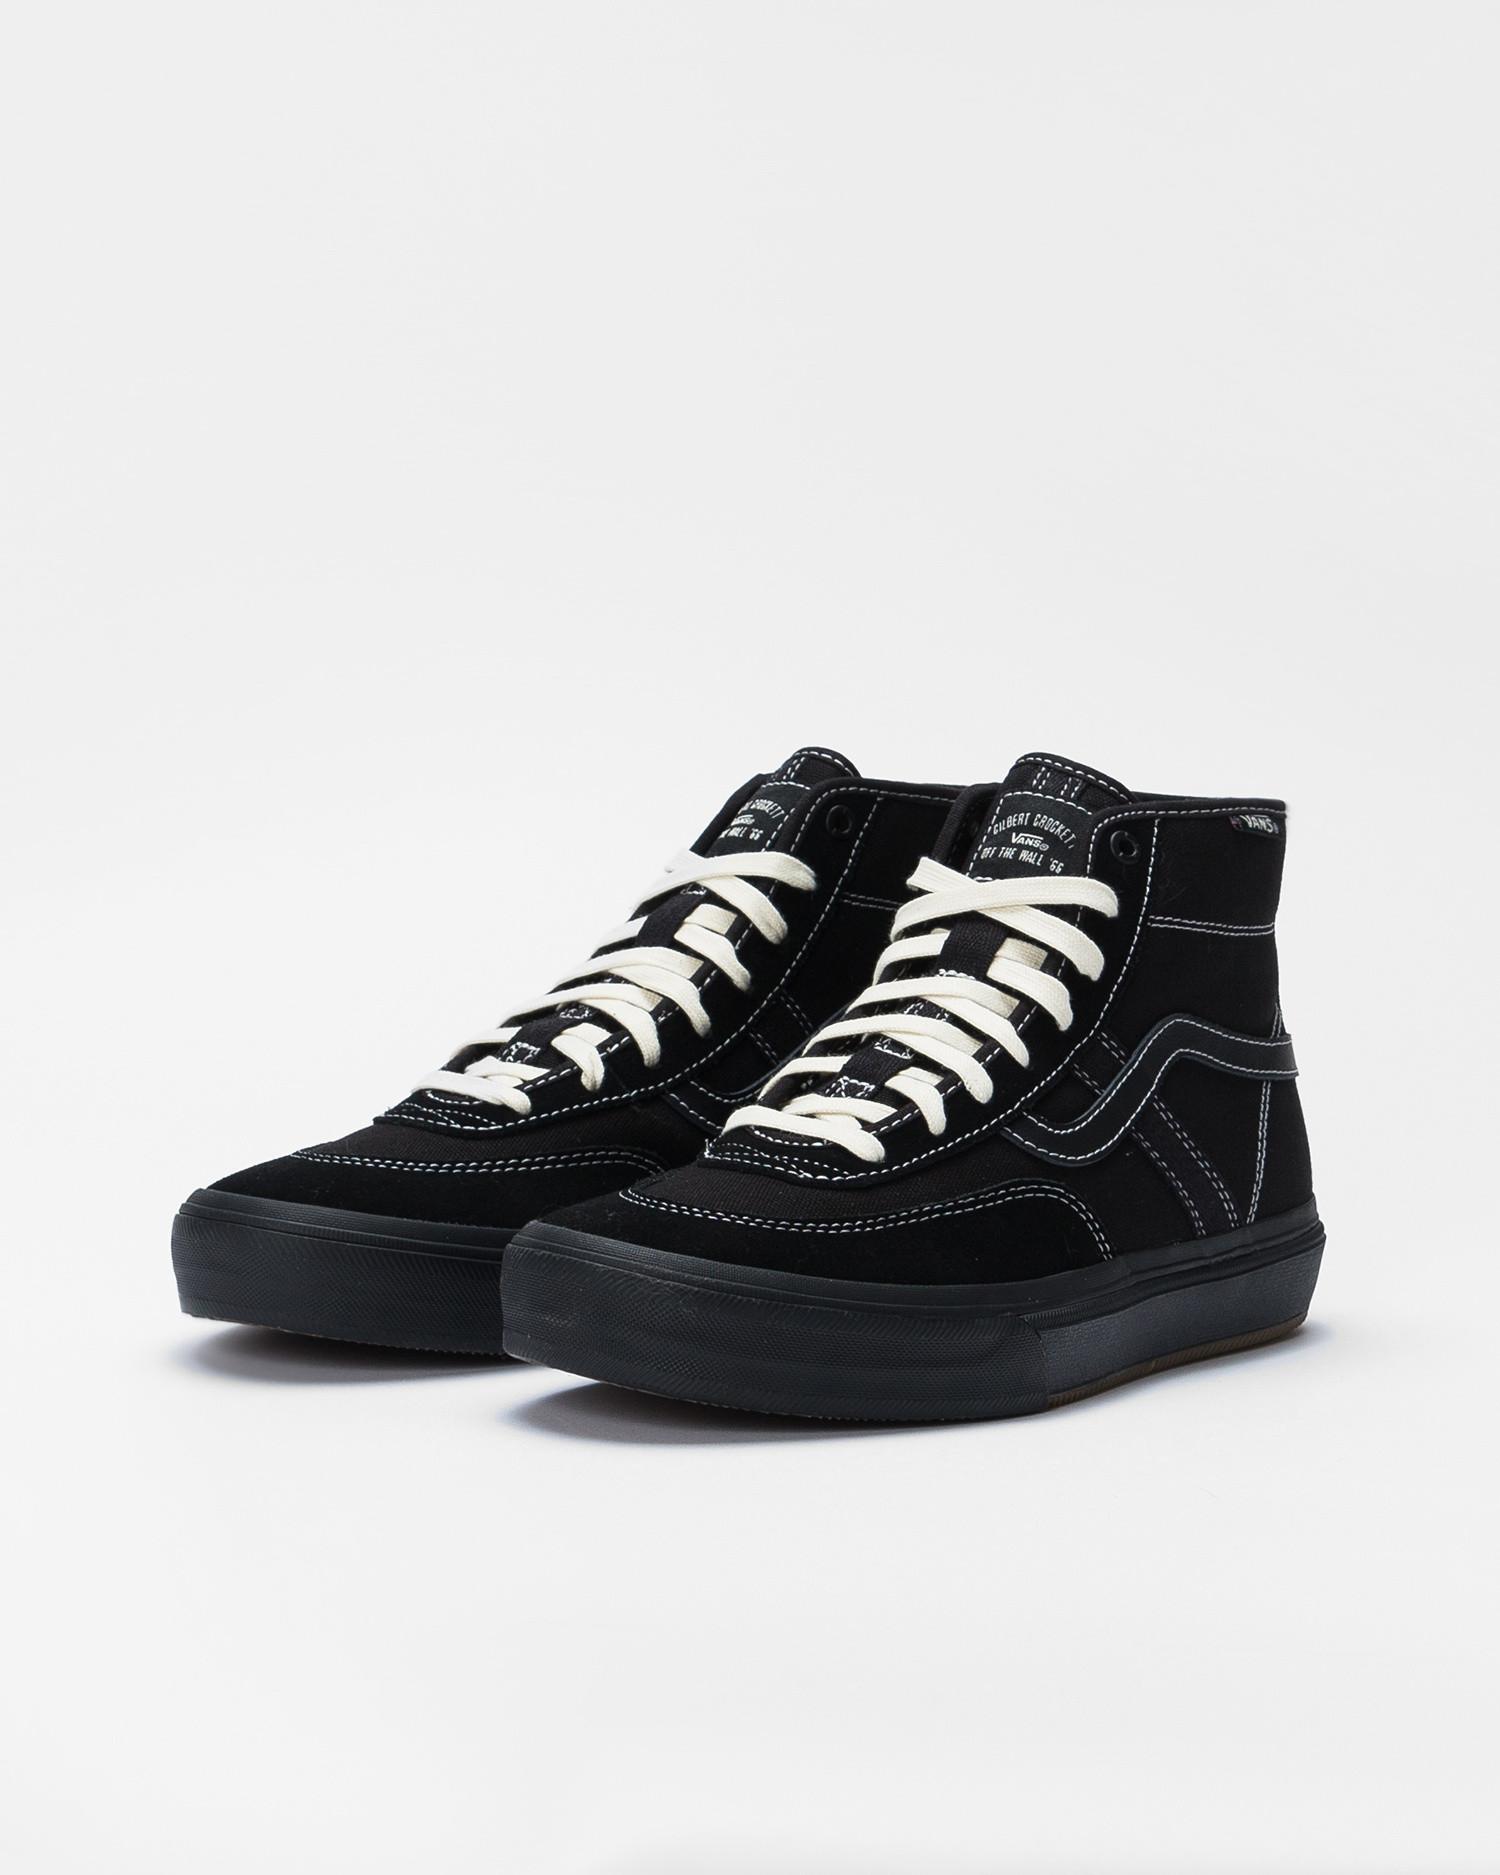 Vans Mn Crockett High Pro Black/Black